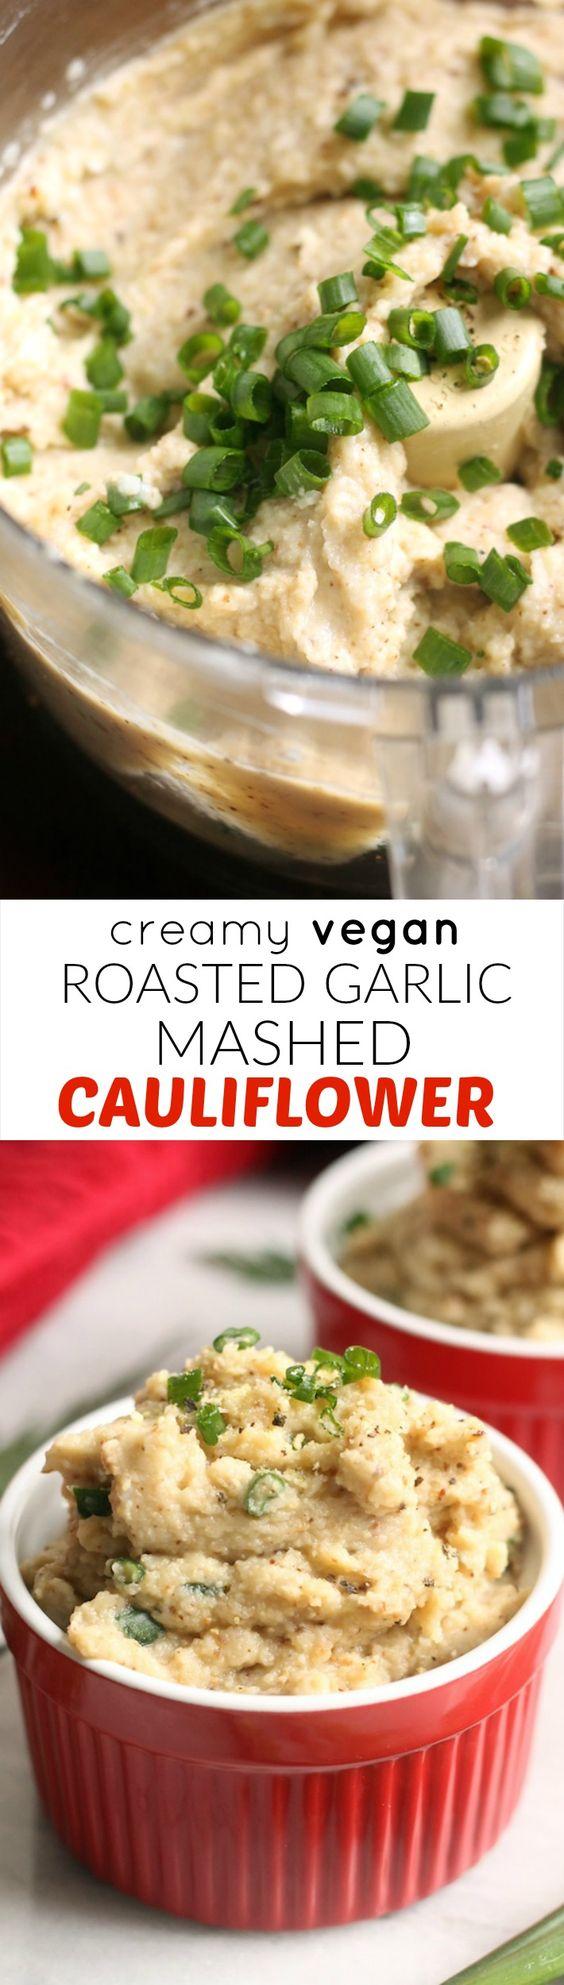 Garlic Mashed Cauliflower | Recipe | Garlic Mashed Cauliflower, Mashed ...